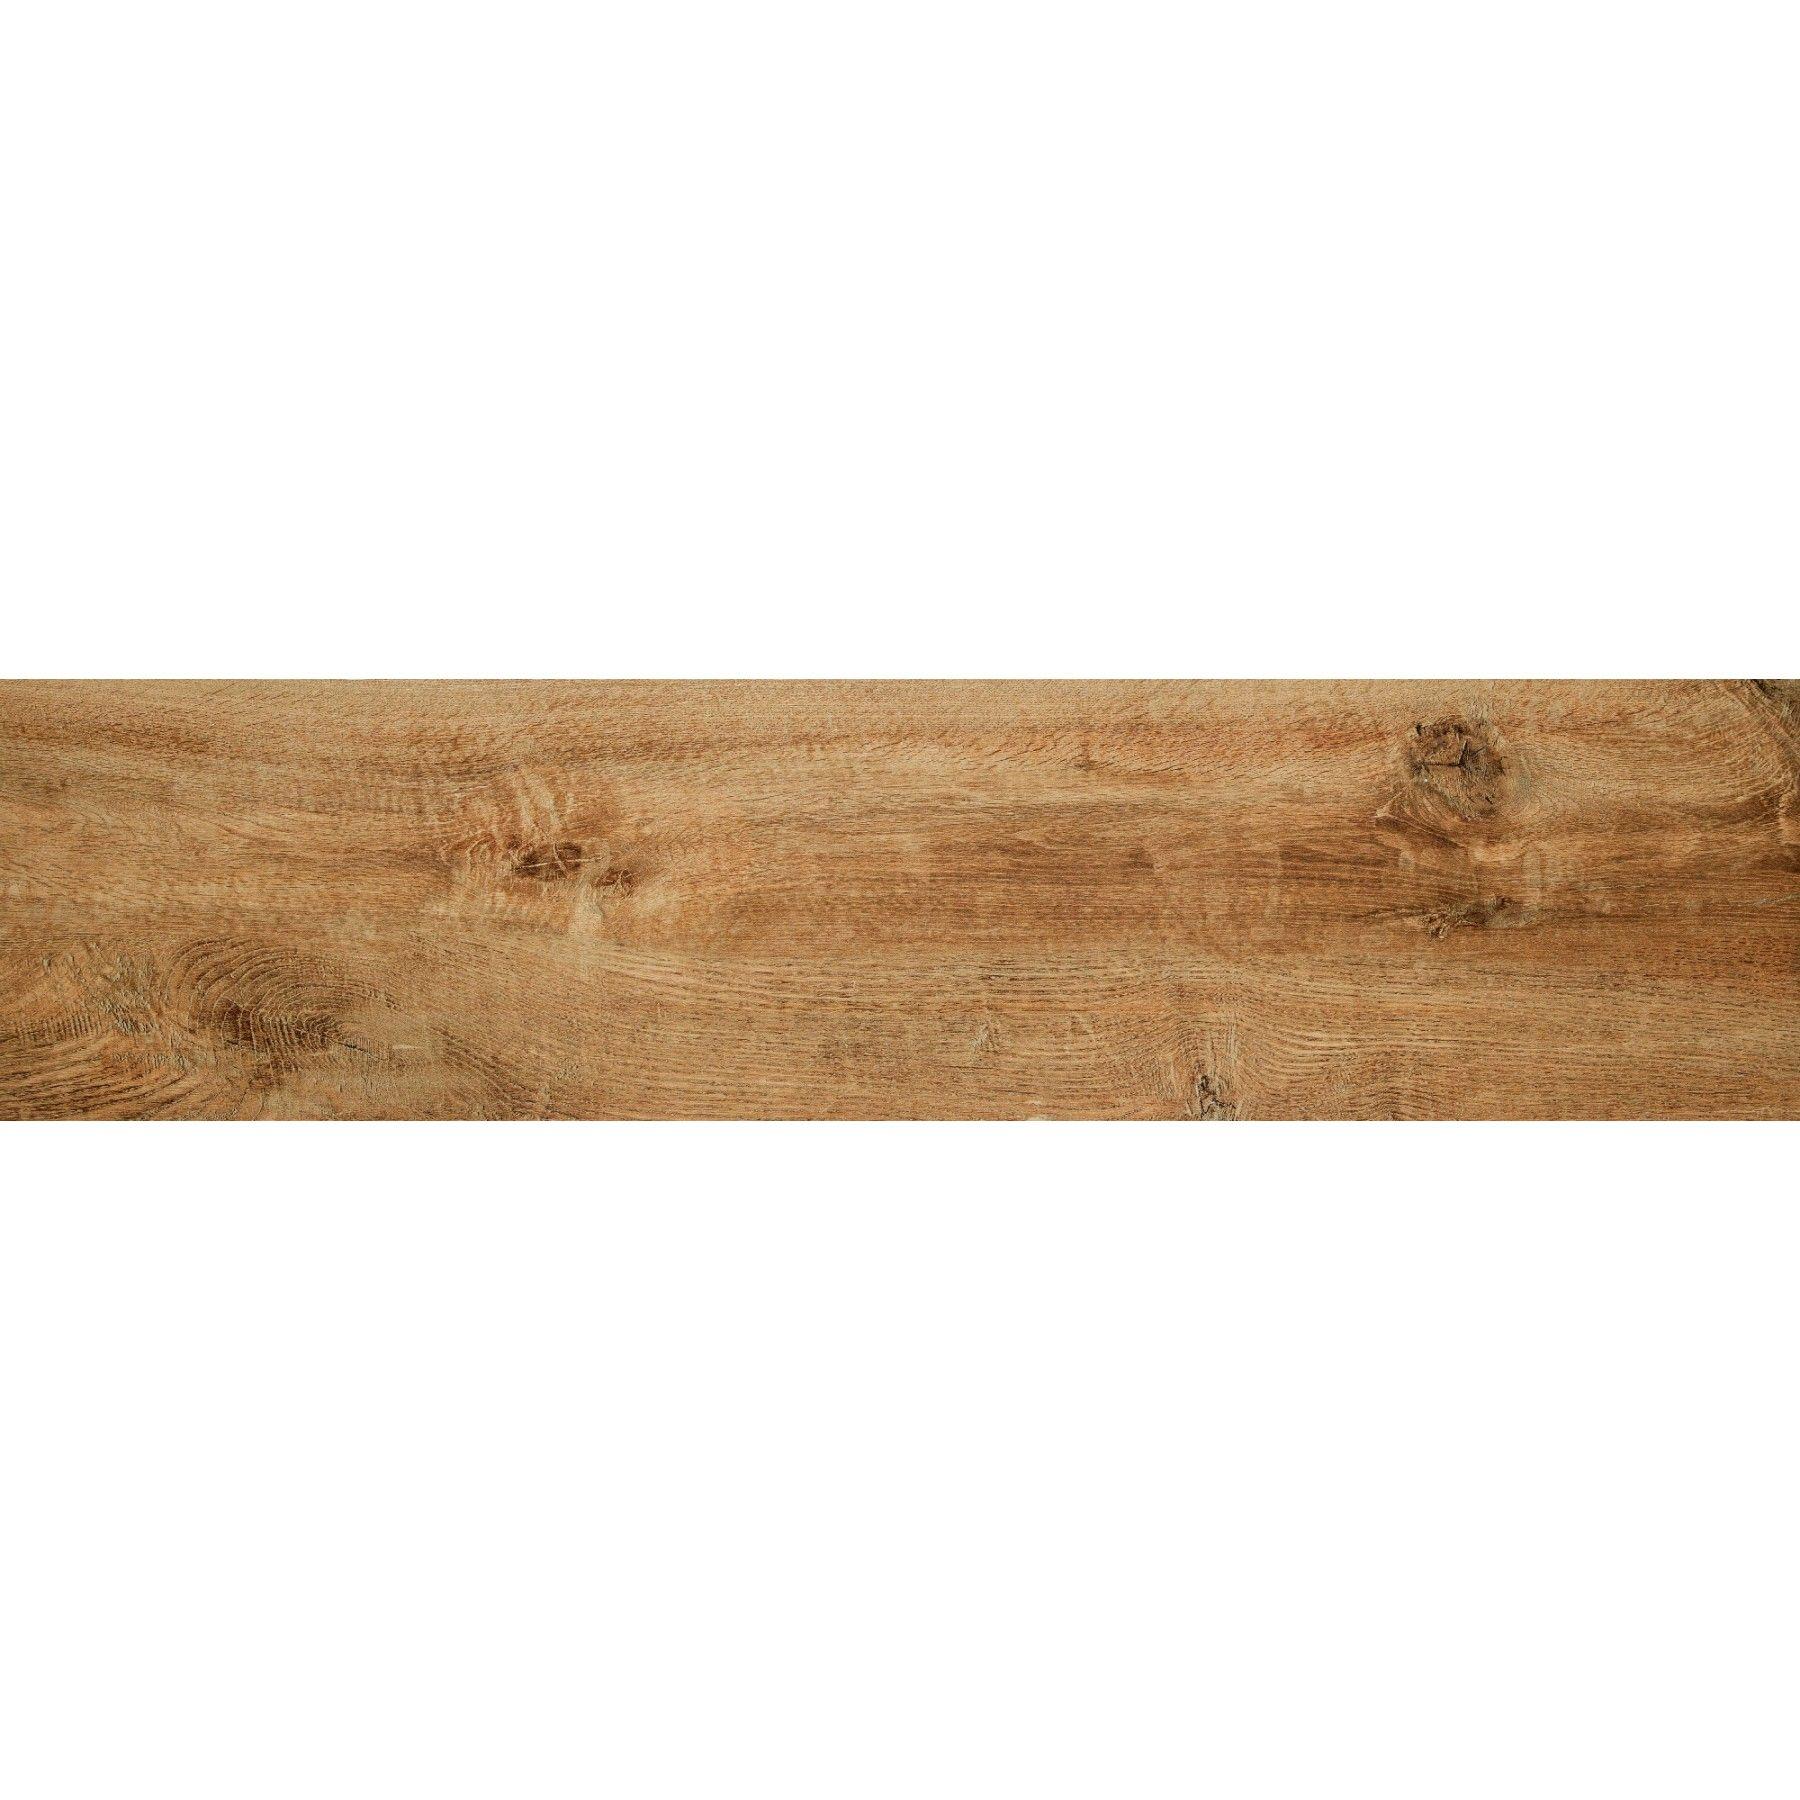 Fliesenwelt Bodenfliese Marazzi Treverkhome Larice 30x120cm jetzt günstig kaufen!